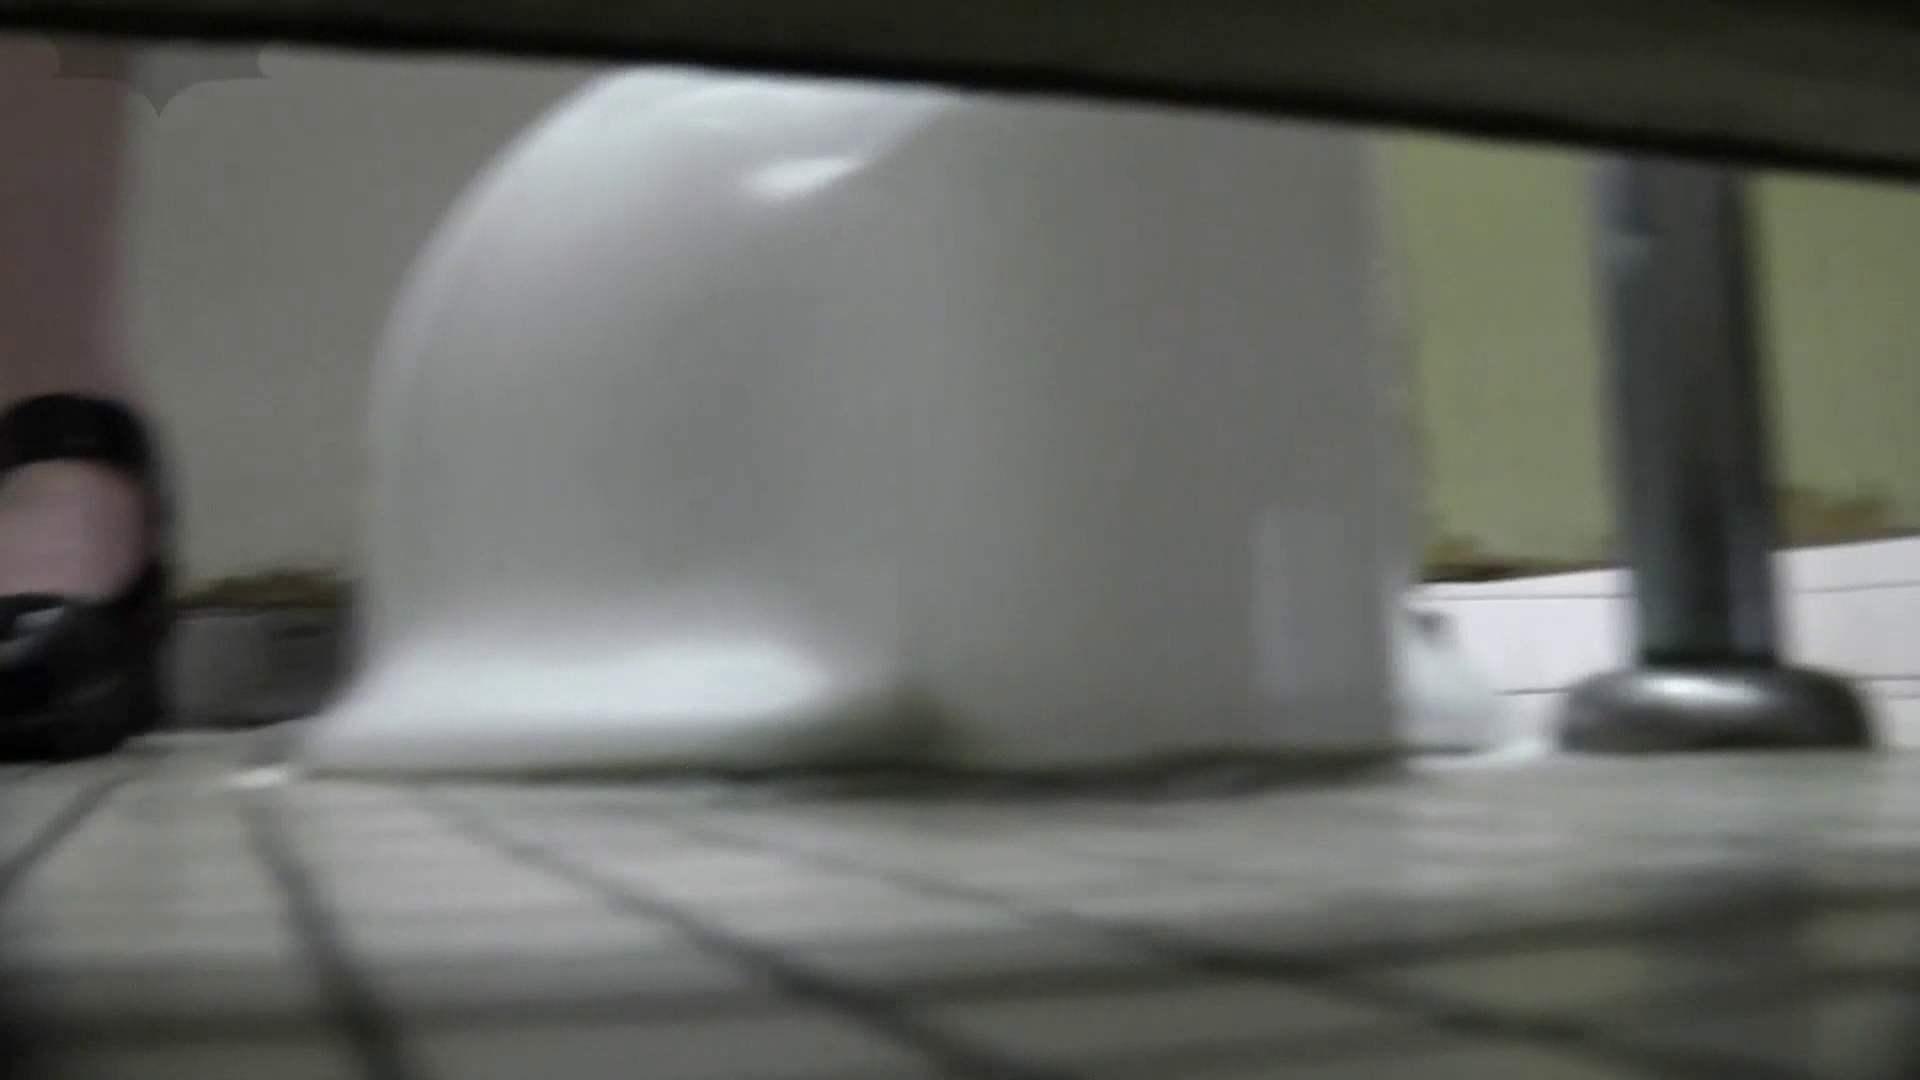 洗面所特攻隊 vol.73 ラスト3澄ました顔して、まさかの脱肛!! 洗面所 ワレメ無修正動画無料 110画像 10